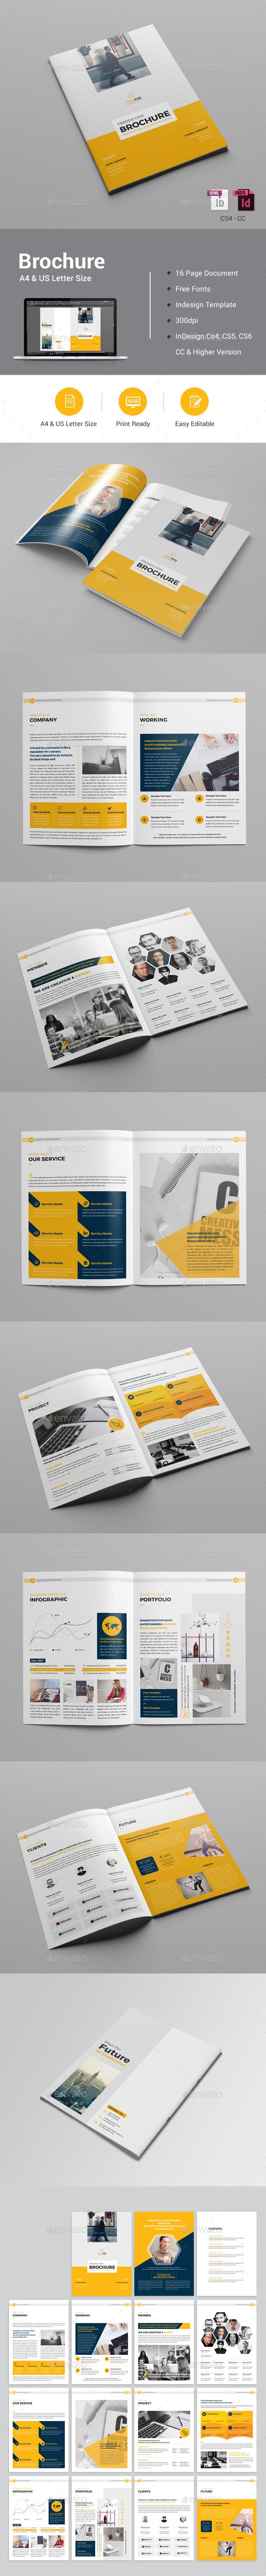 GraphicRiver Brochure 21127474